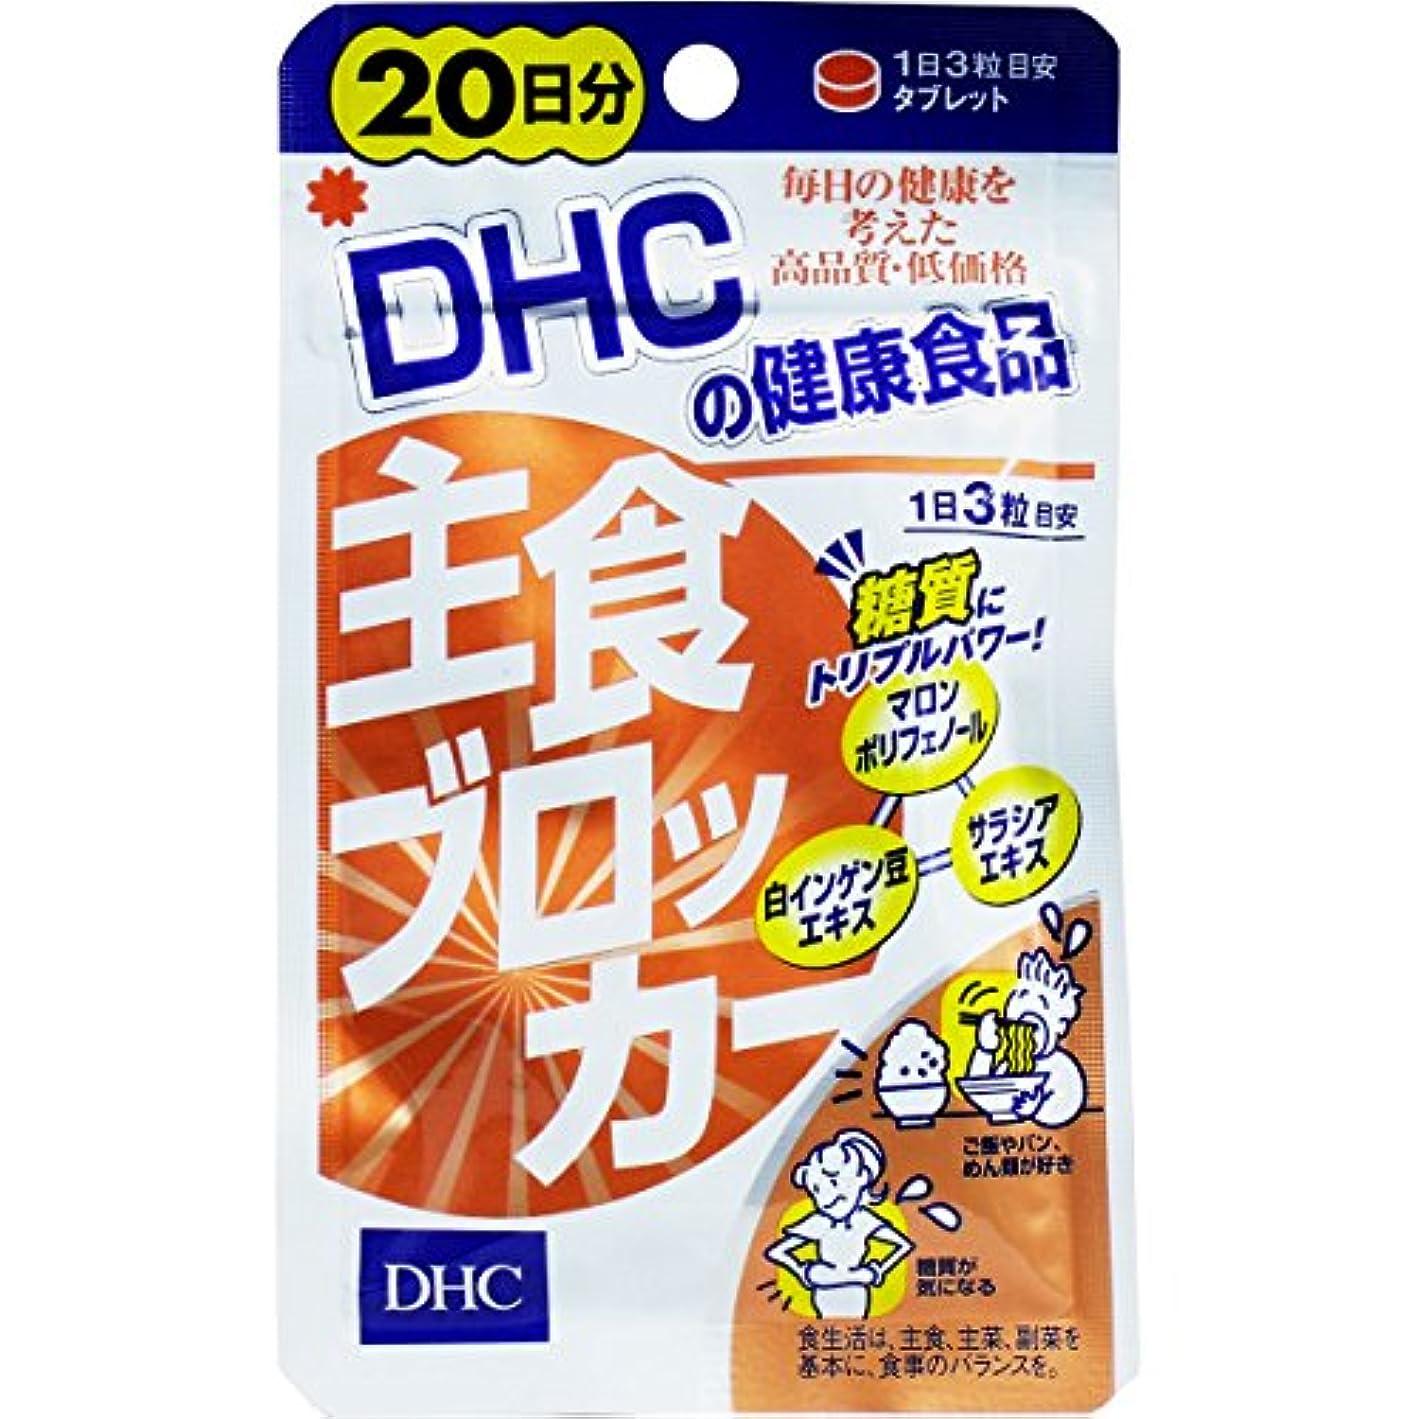 麻痺させる句読点空虚ダイエット トリプルパワーでため込み対策 栄養機能食品 DHC 主食ブロッカー 20日分 60粒入【5個セット】